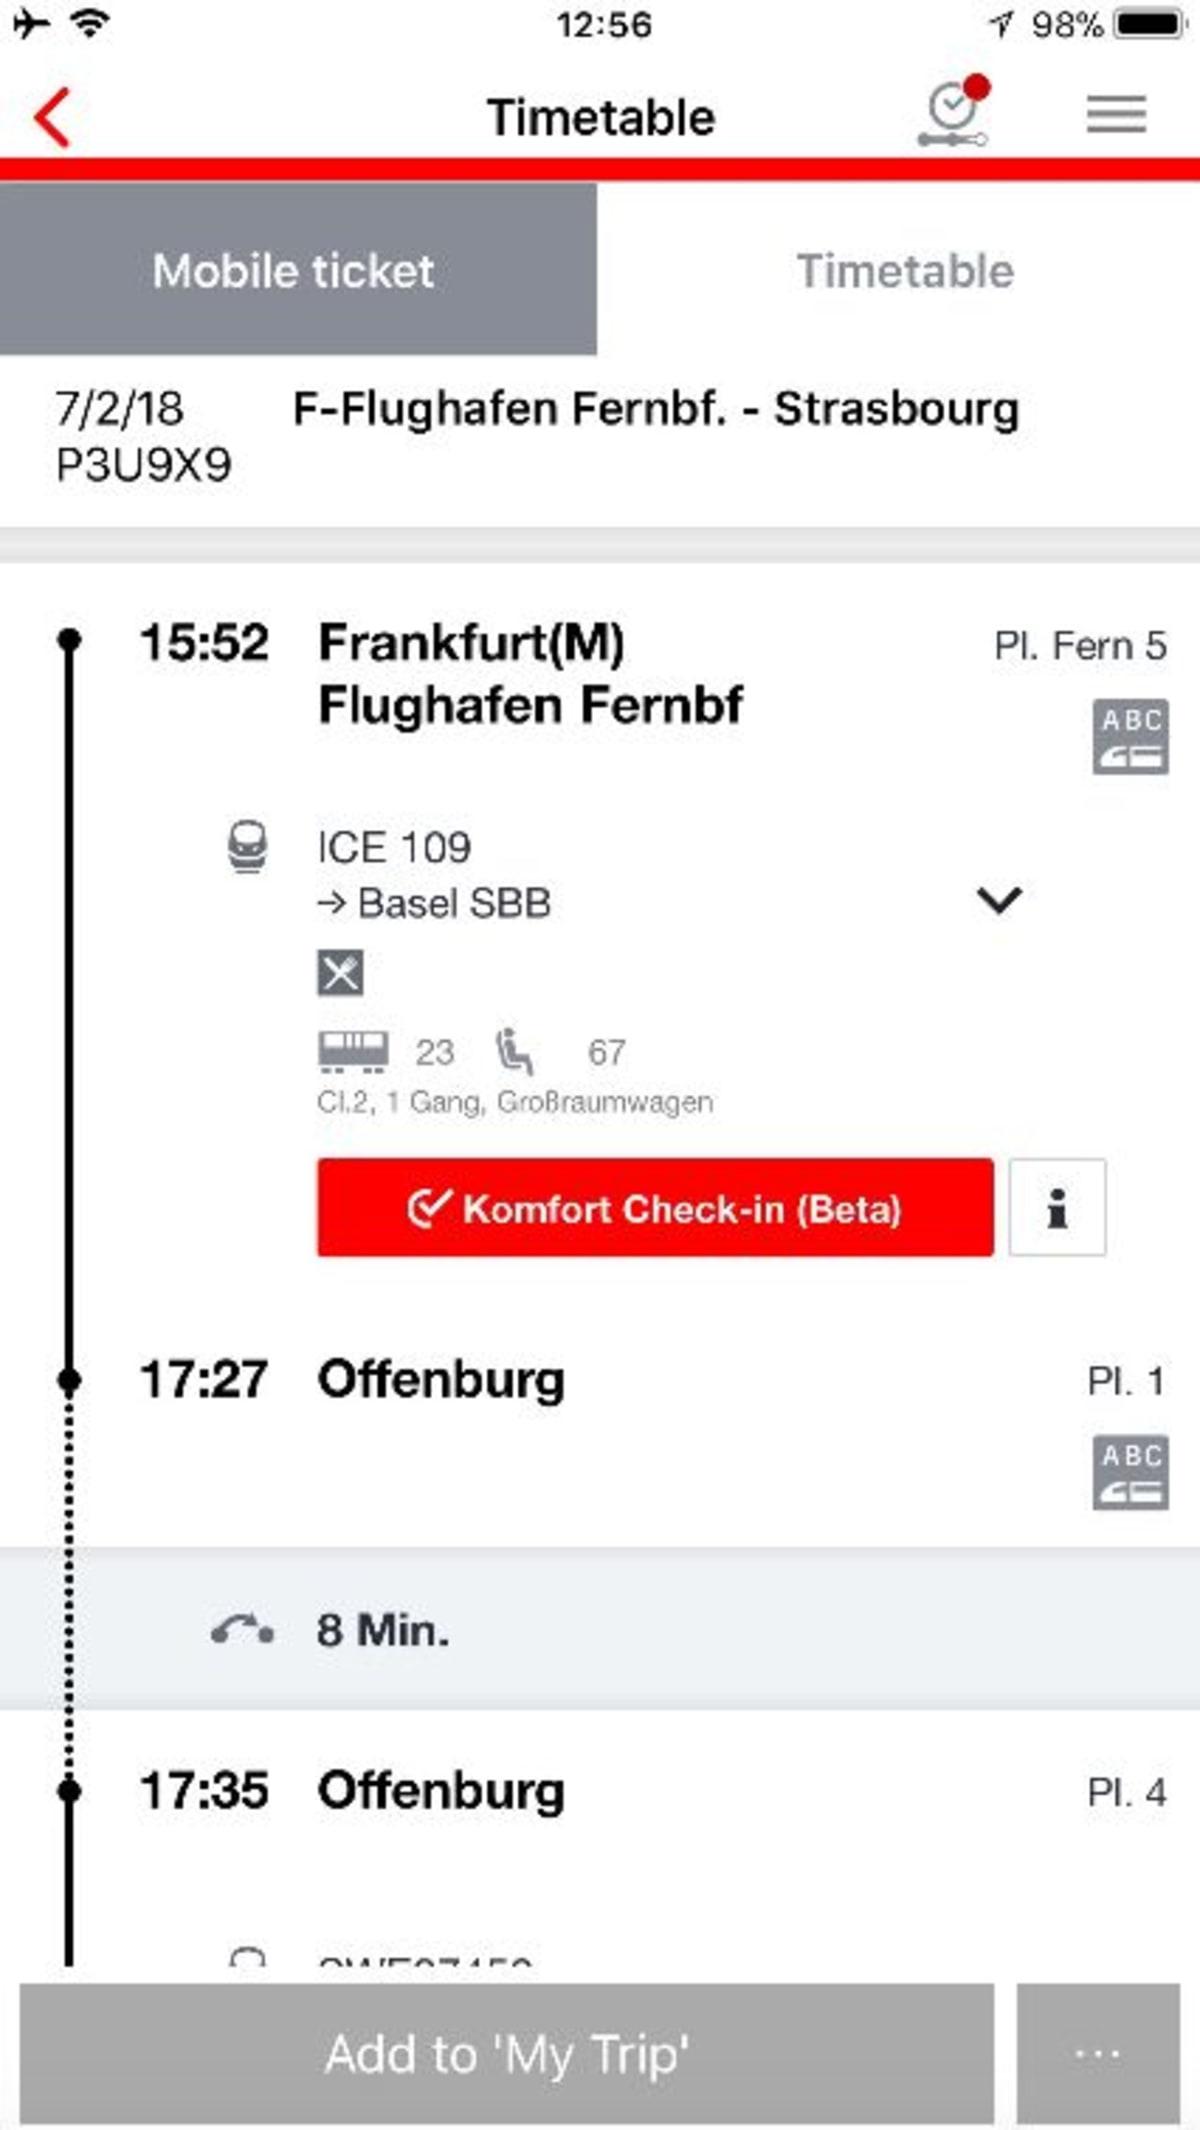 チケットの代わりにQRコードが発行されます。座席の指定もできますし、プラットフォームも表示されるので安心です。